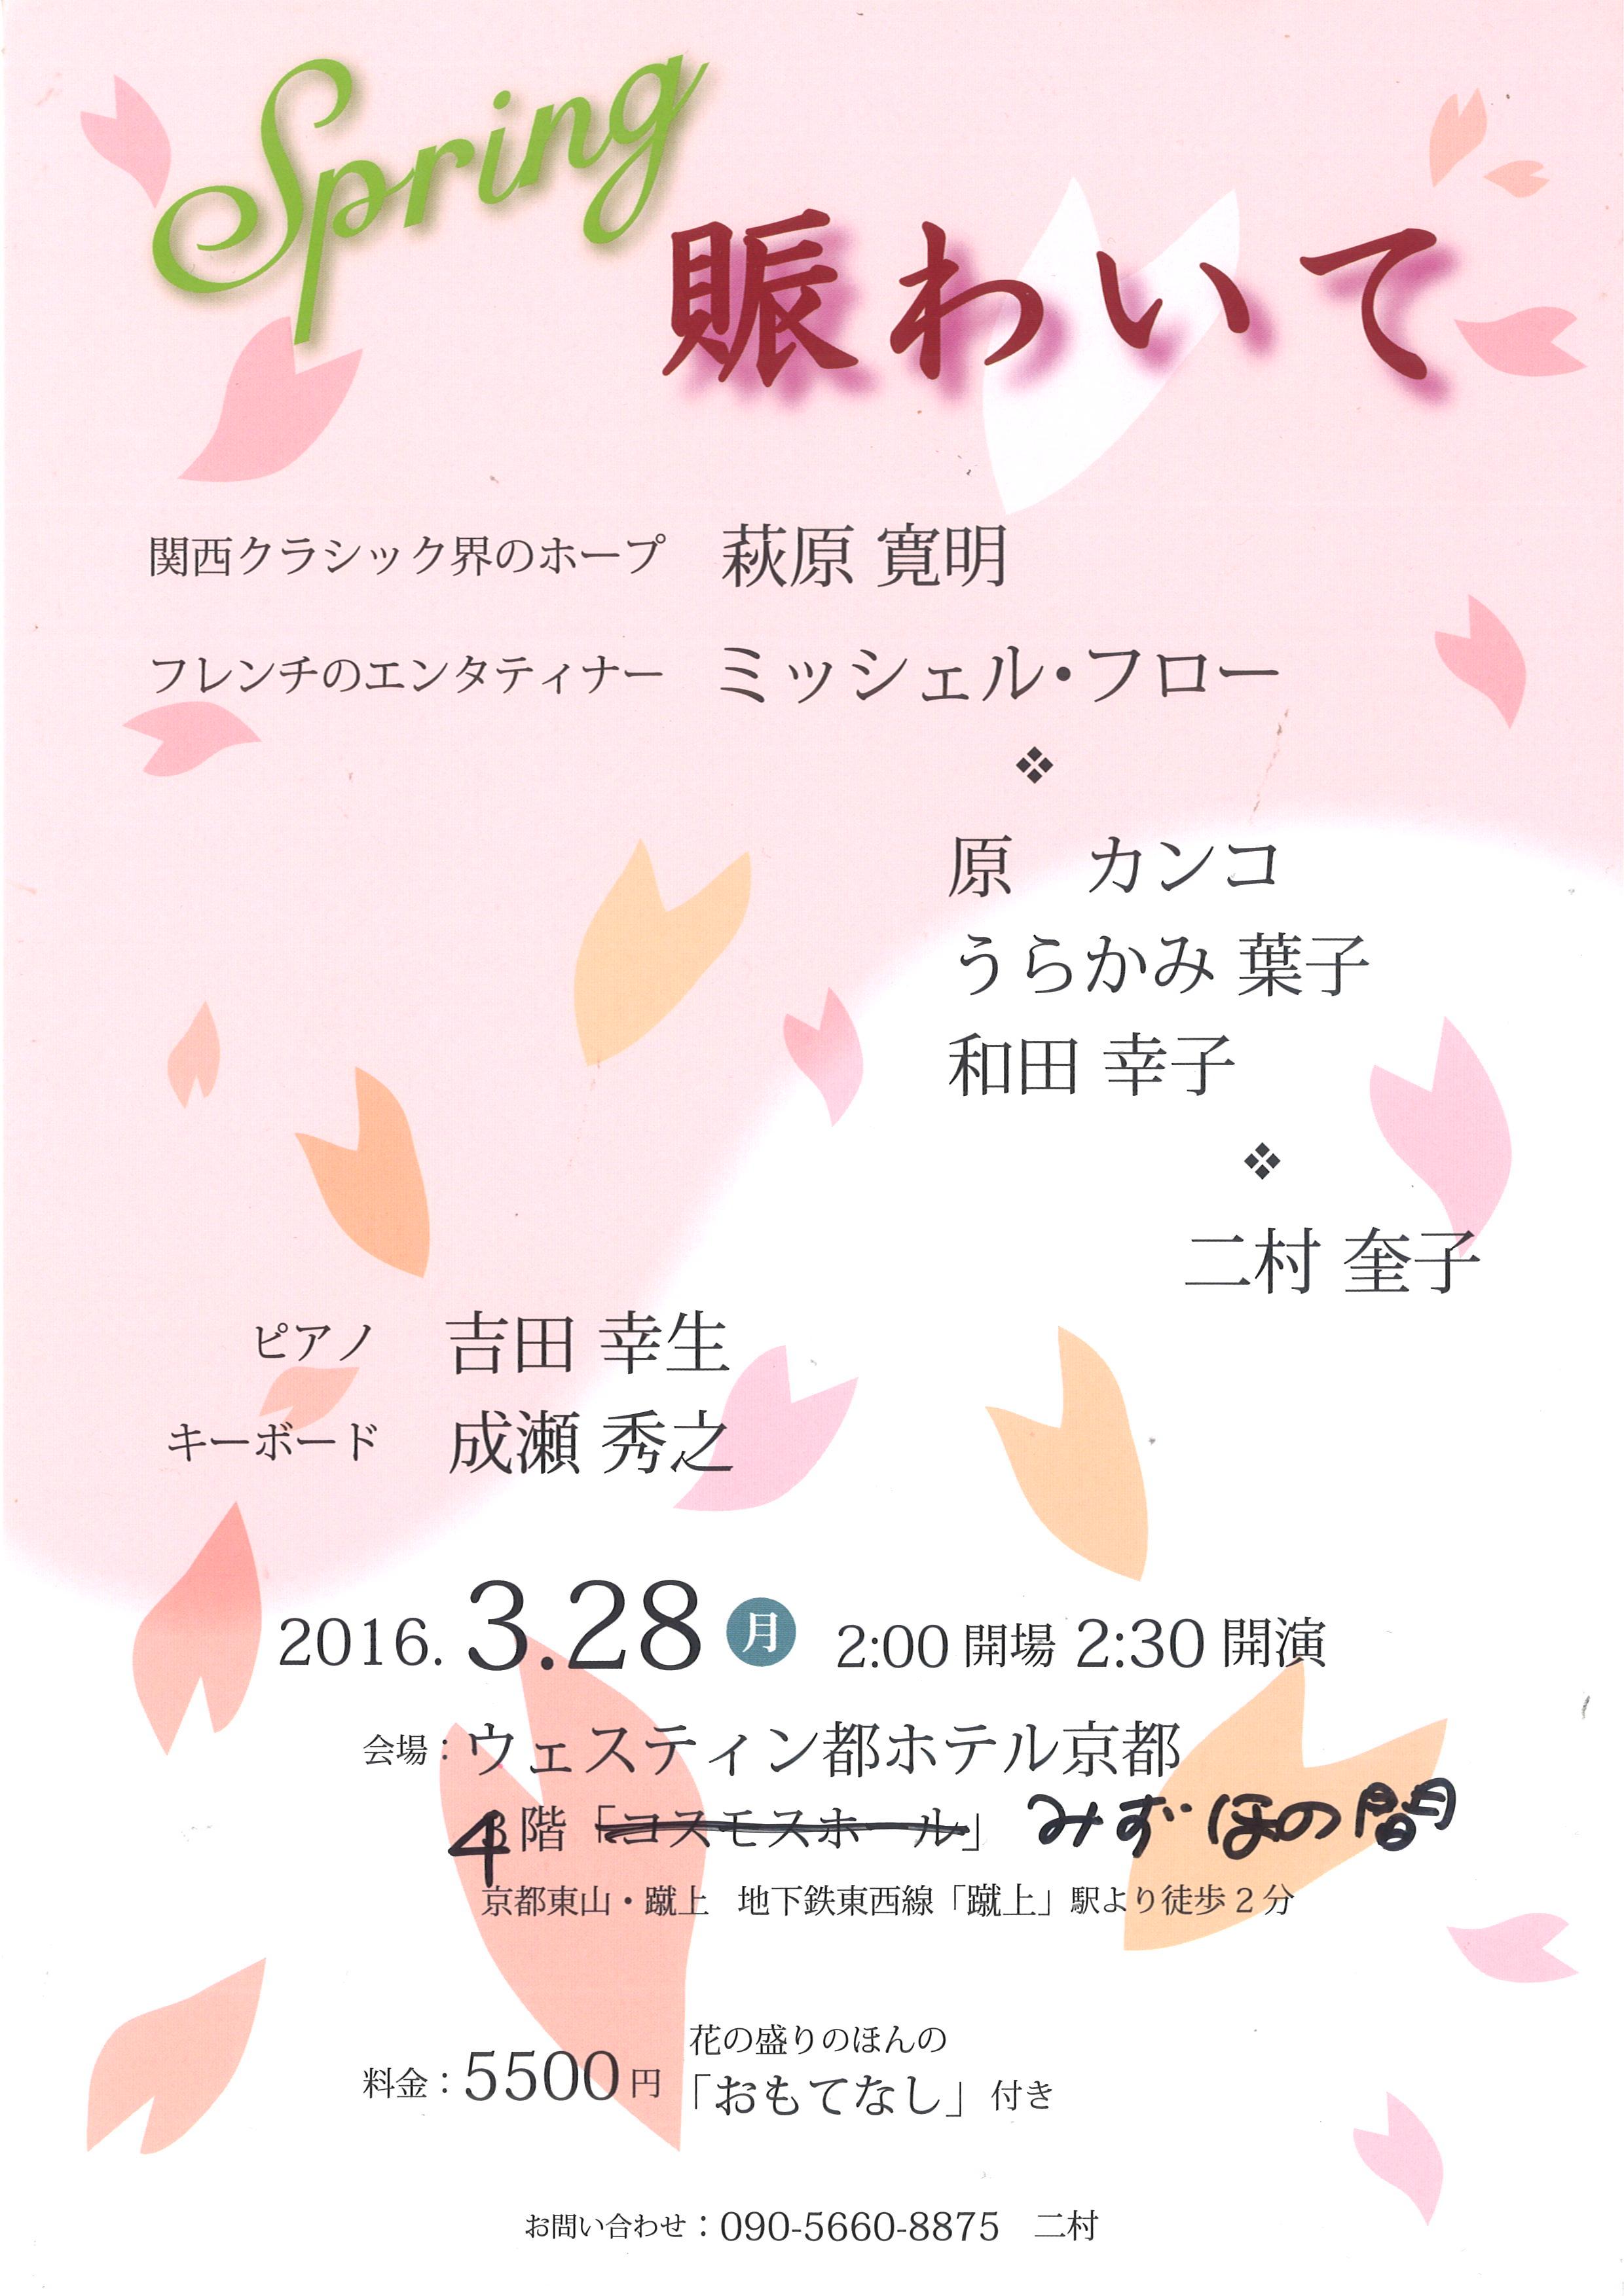 吉田幸生のスケジュール帳